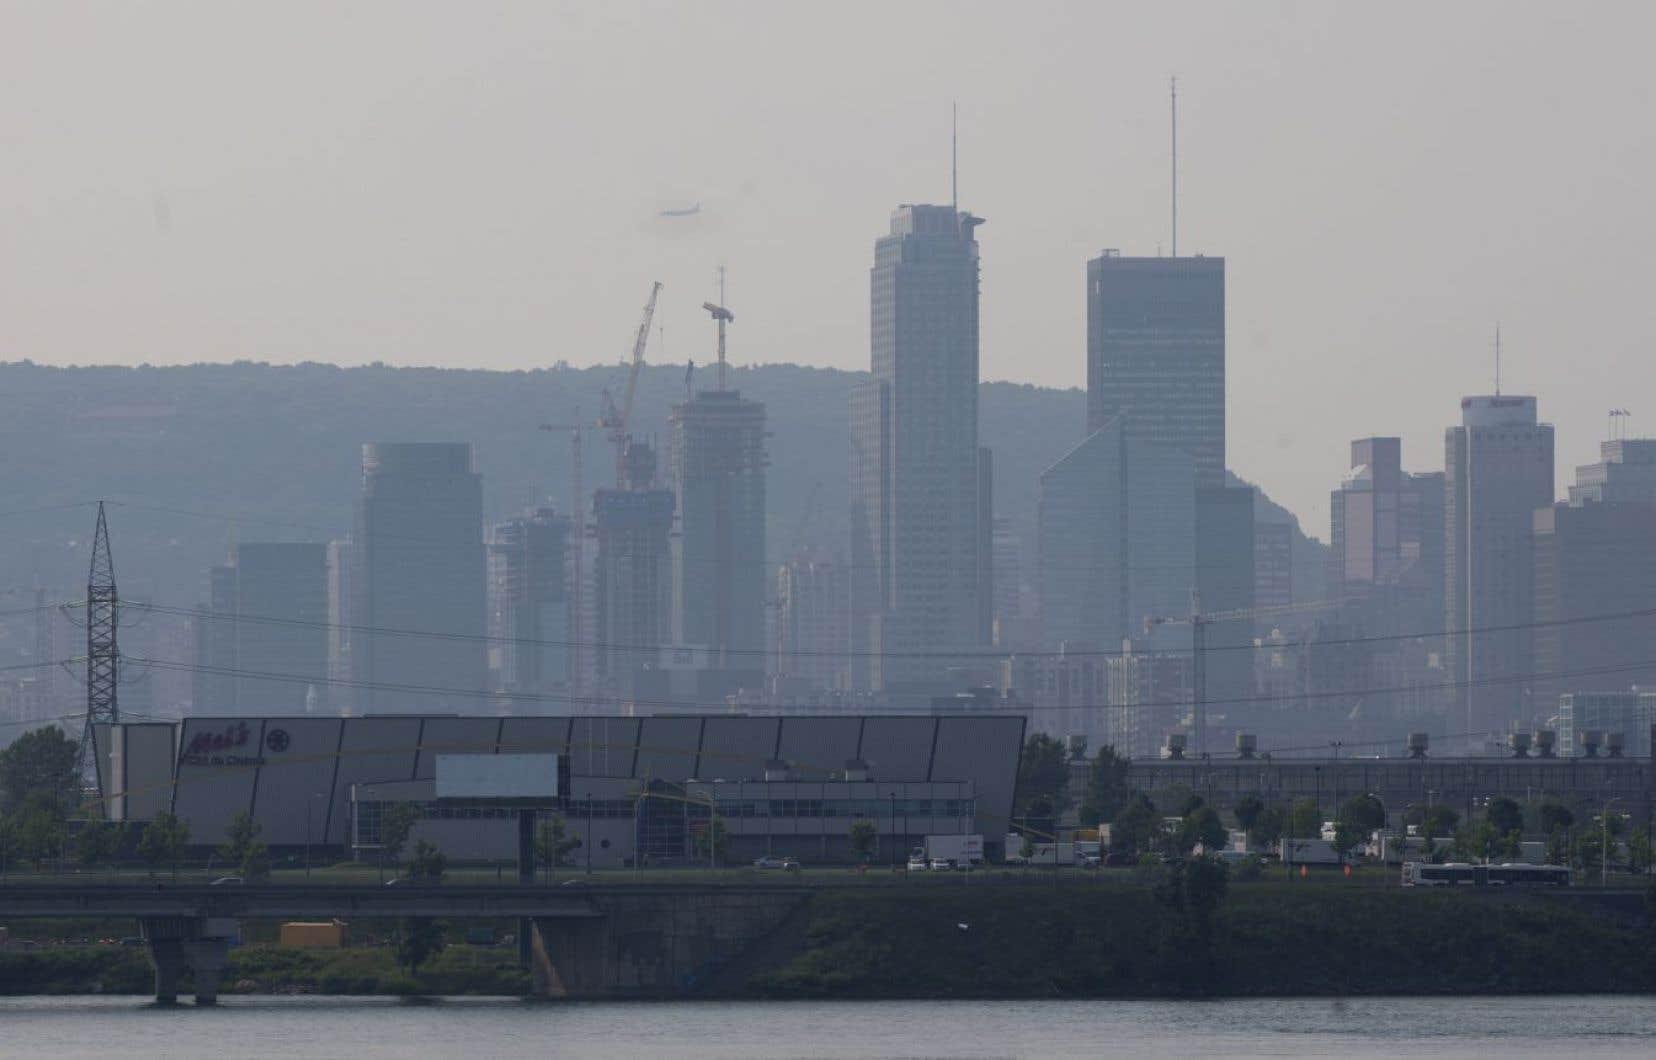 Le rapport accorde au Canada une note de «D» en s'appuyant sur neuf indicateurs couvrant les changements climatiques, la pollution atmosphérique et la gestion de l'eau douce.